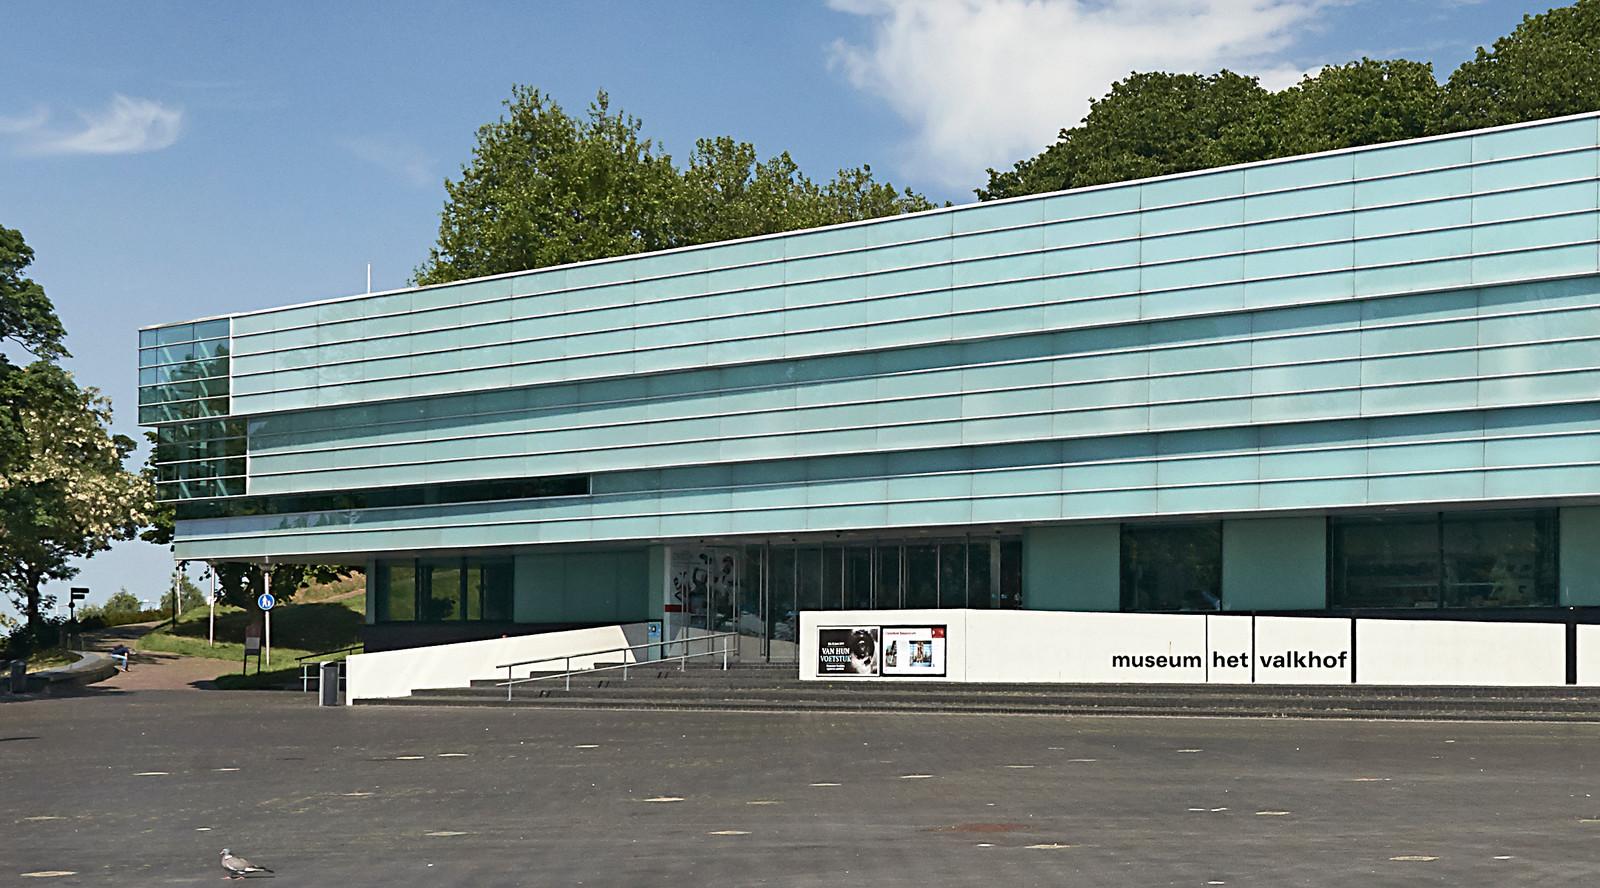 Museum Het Valkhof.